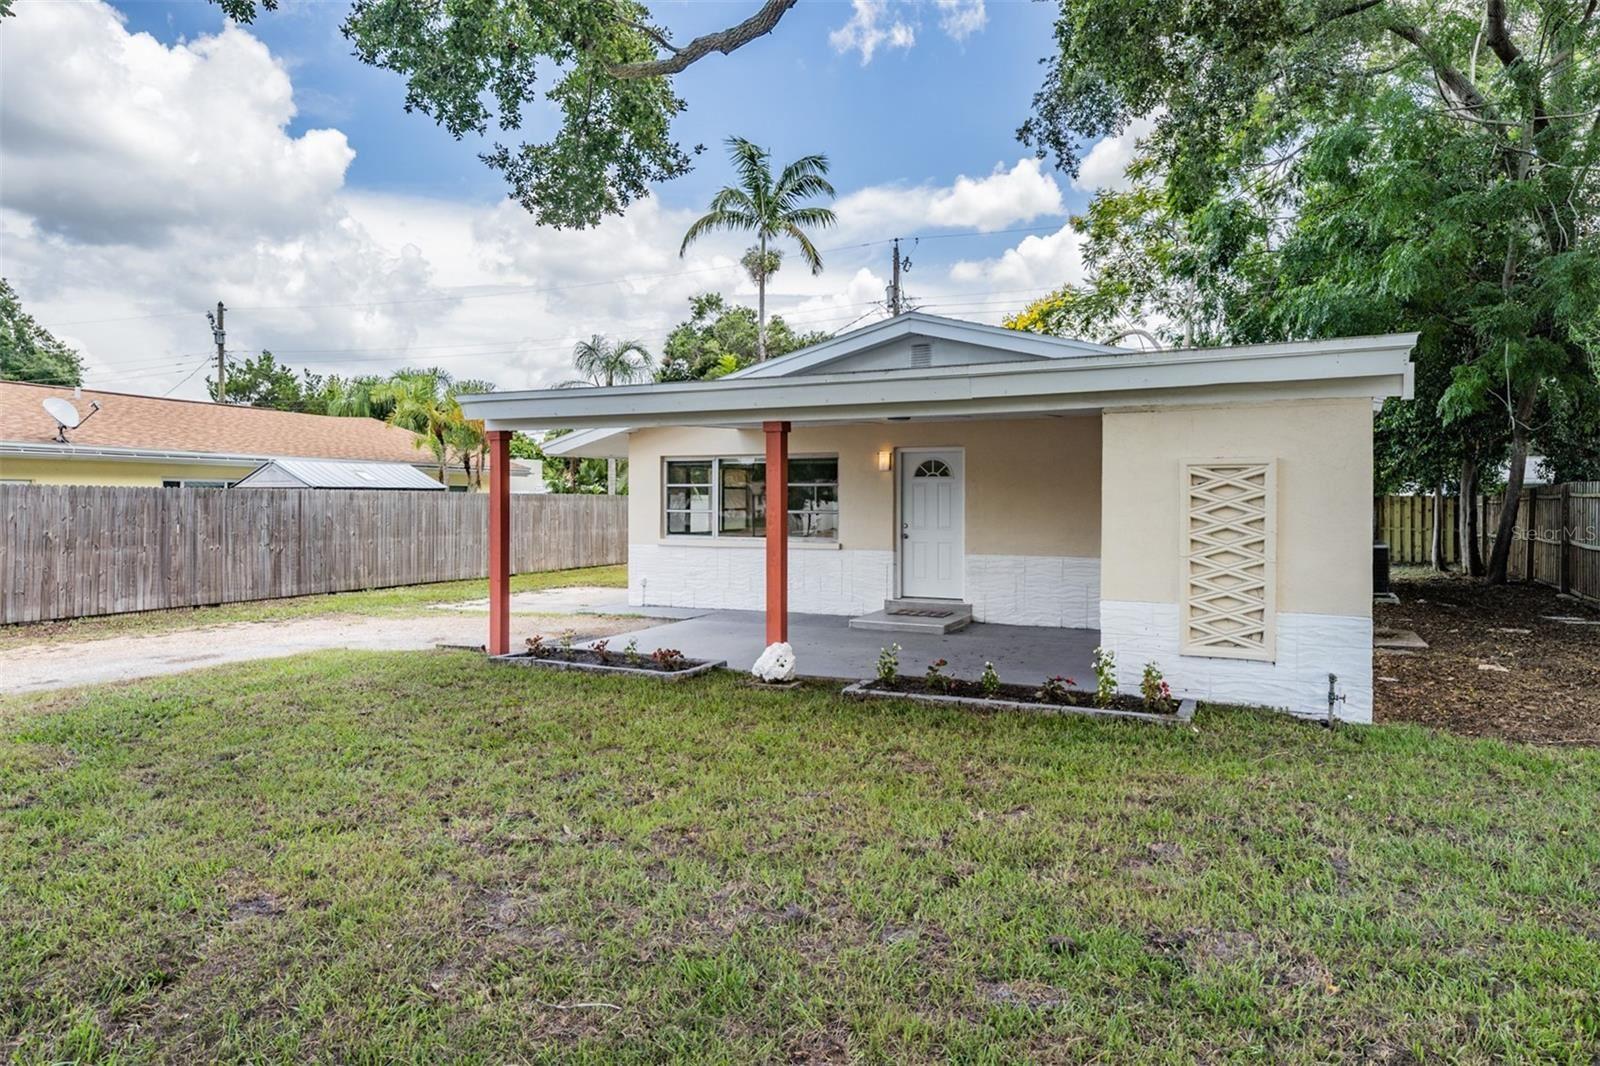 10480 ORANGE BLOSSOM LANE, Seminole, FL 33772 - #: U8130430